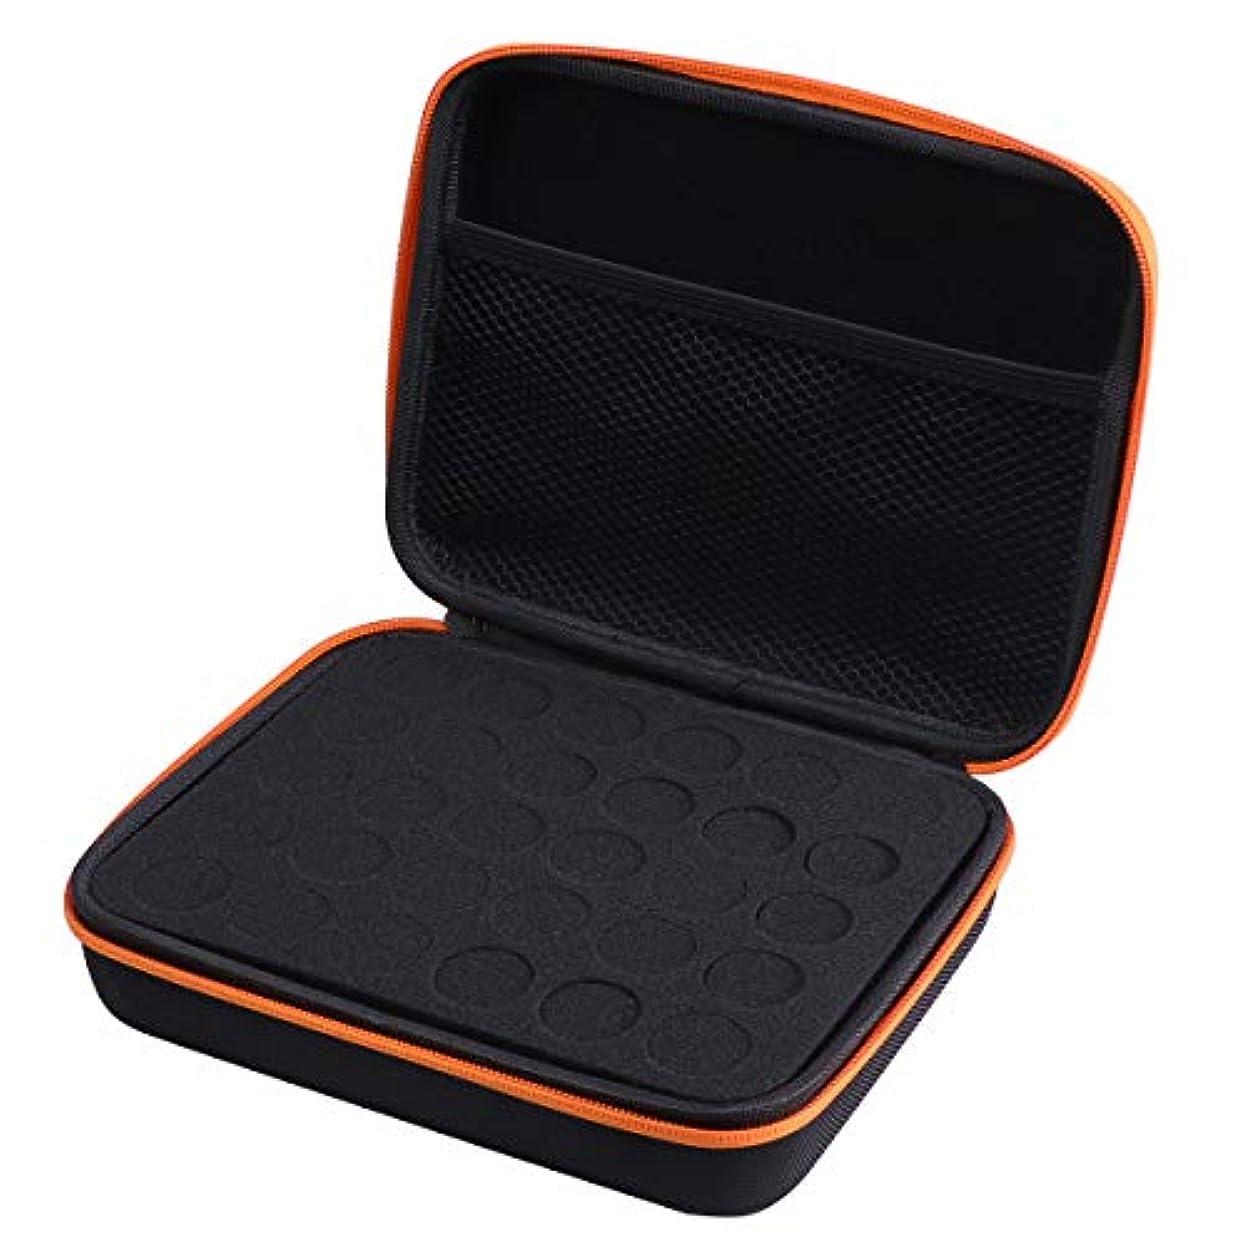 震えるありそう減るFrcolor エッセンシャルオイル ケース 携帯用 アロマポーチ アロマケース メイクポーチ 精油ケース 30本用(オレンジ)